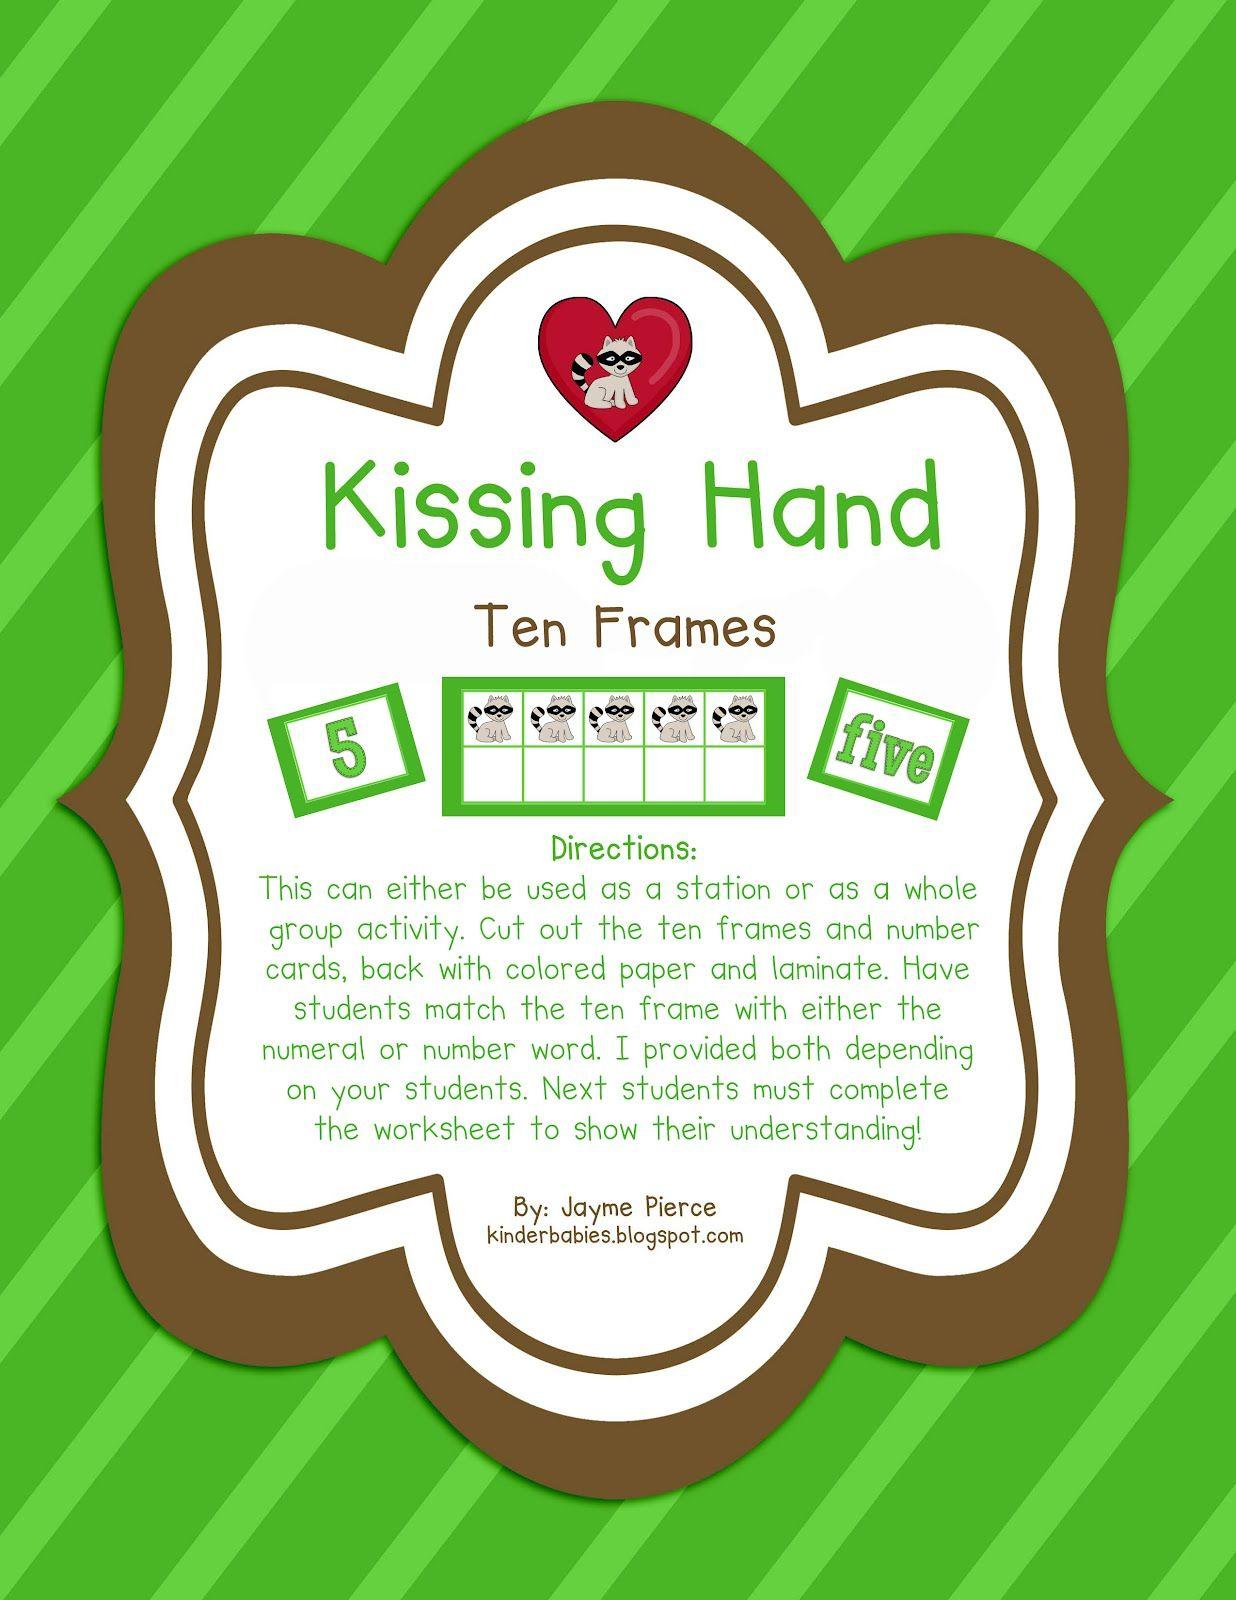 Kissing Hand Ten Frames